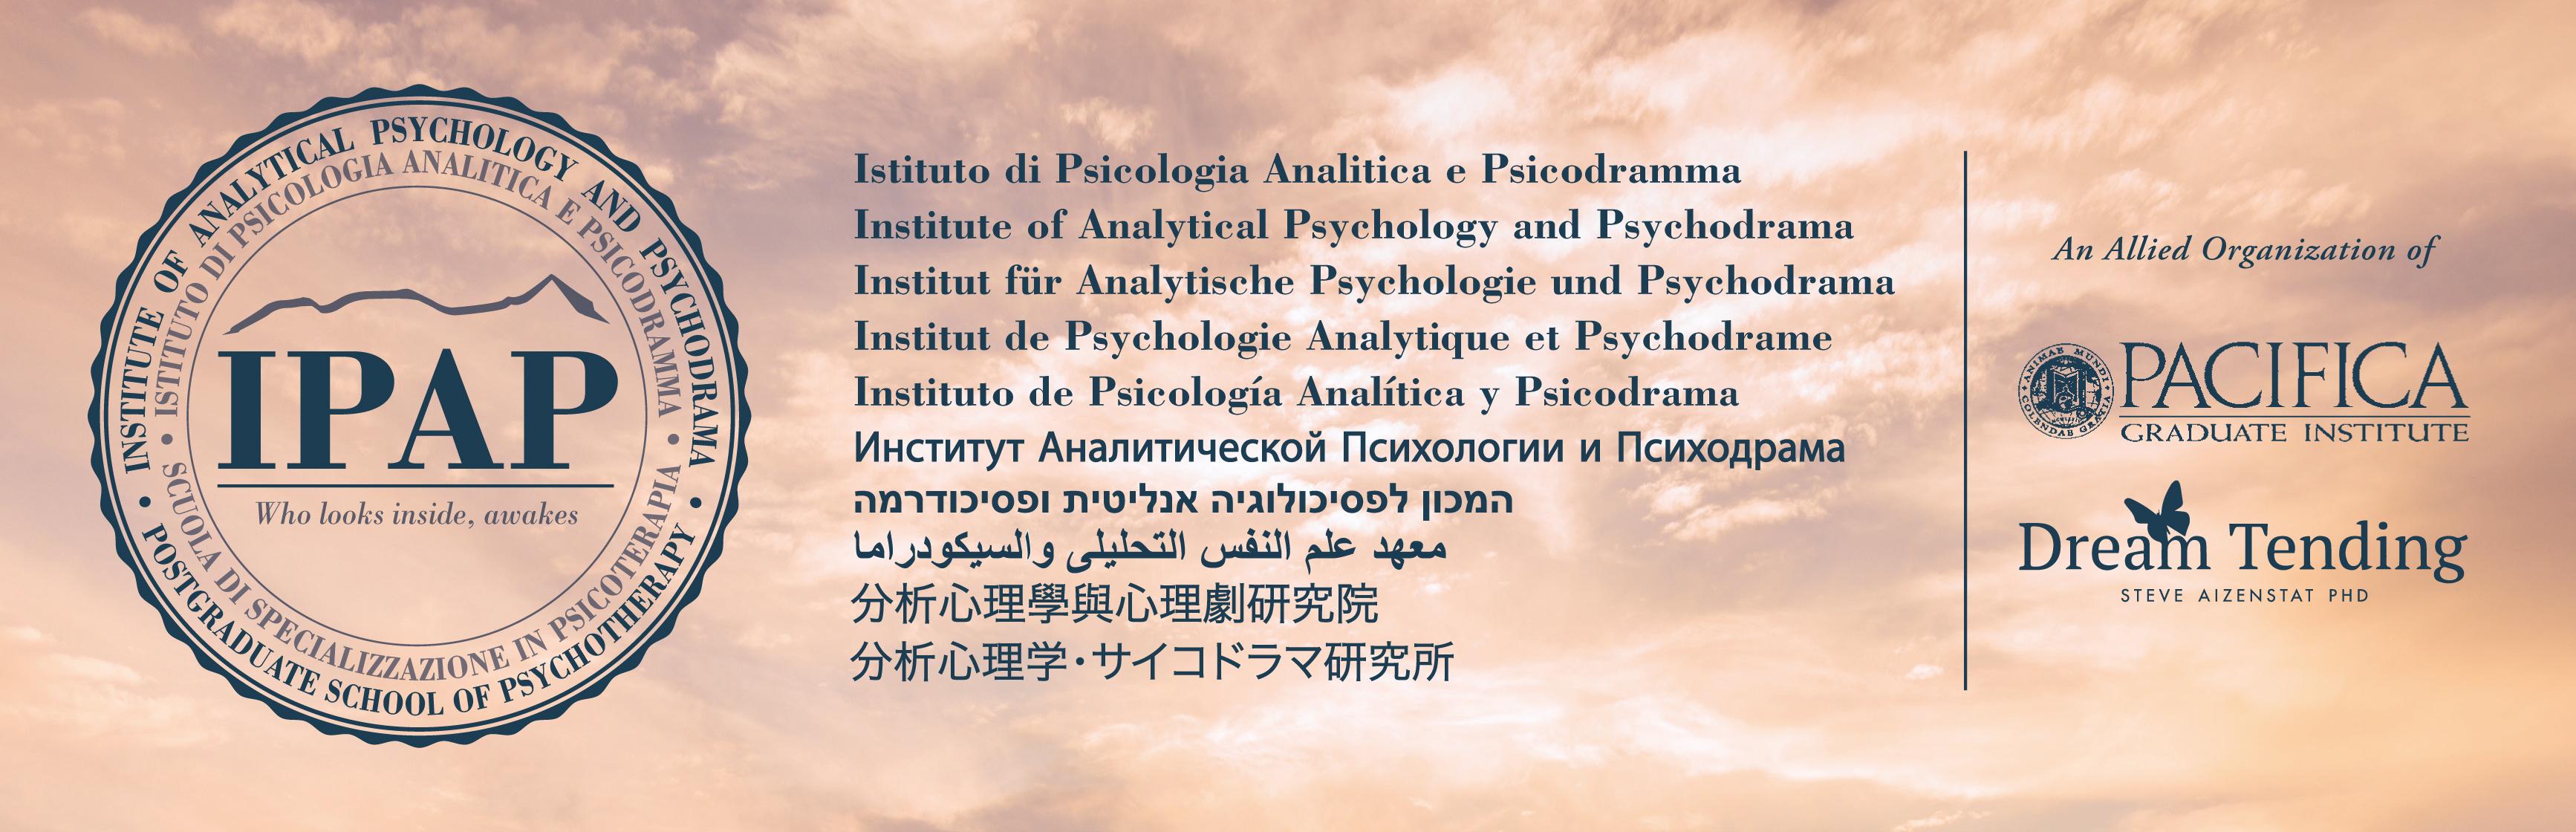 IPAP Istituto di Psicologia Analitica e Psicodramma